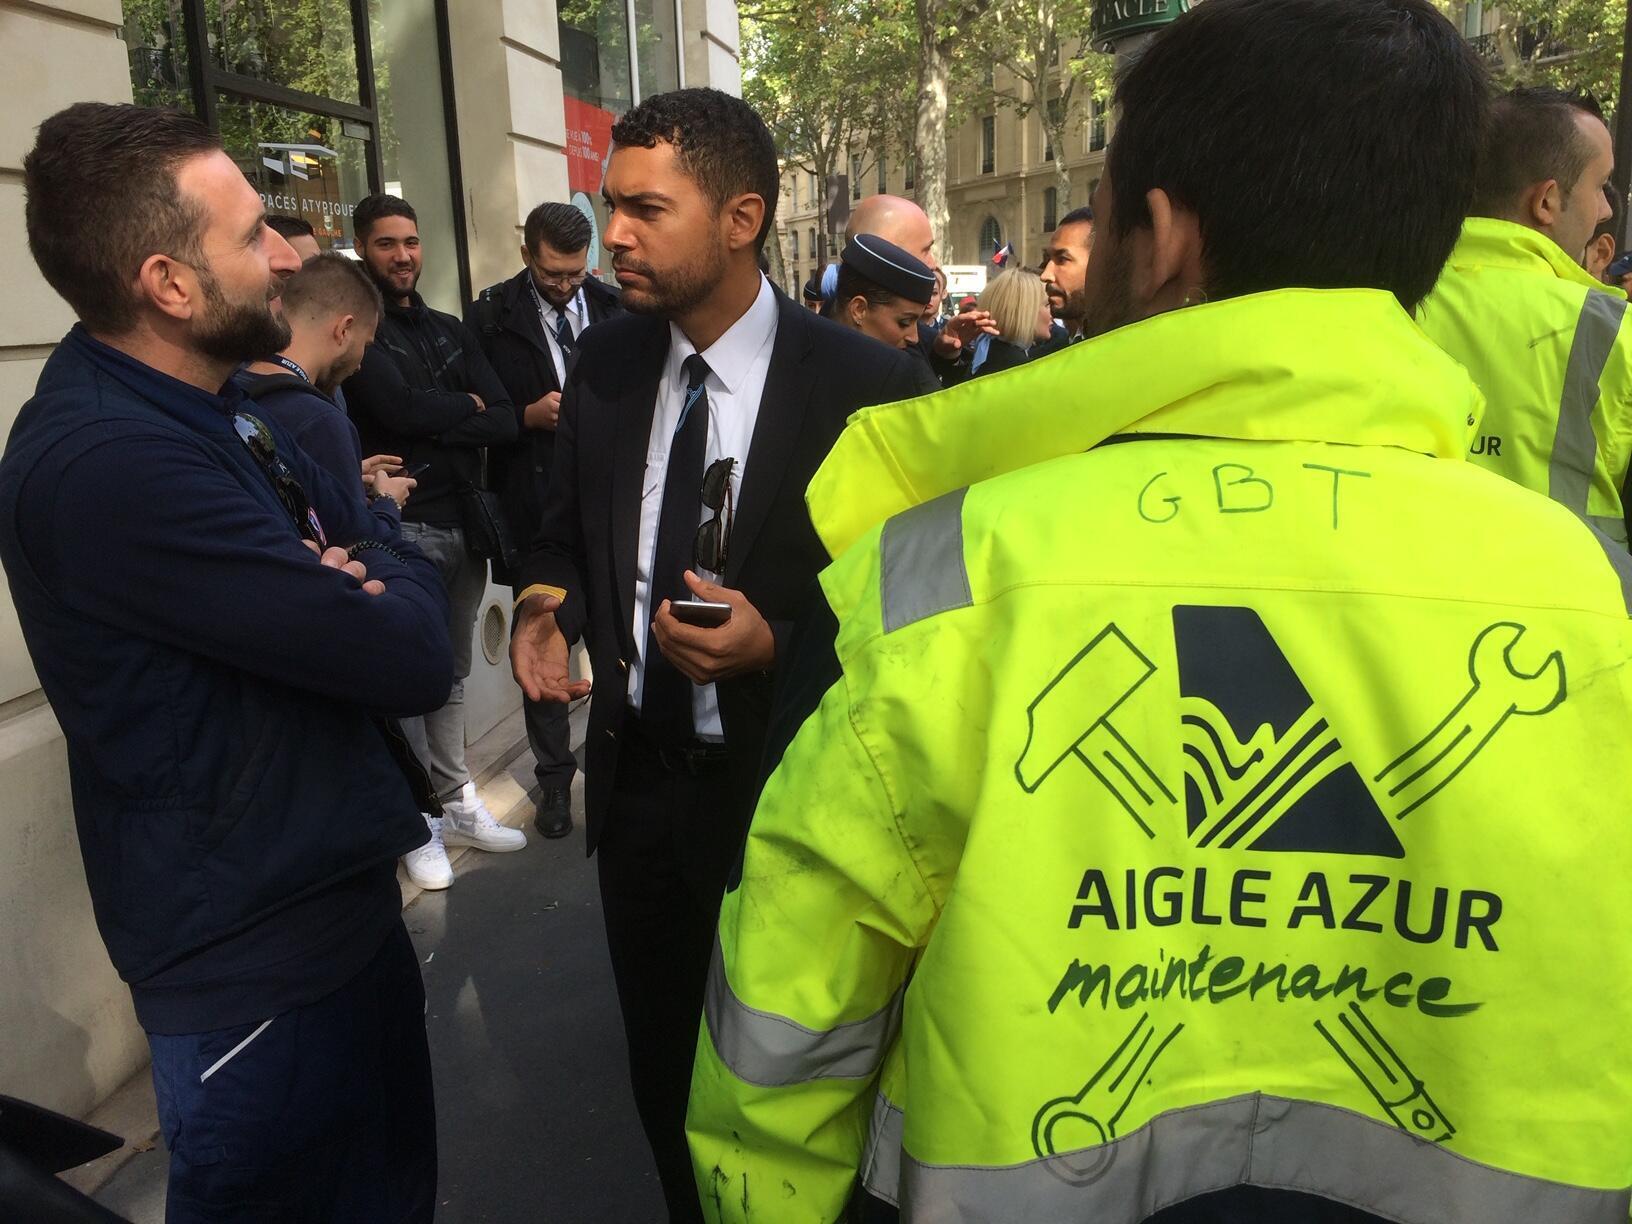 Os funcionários da empresa Aigle Azur se reuniram diante do Ministério dos Transportes da França